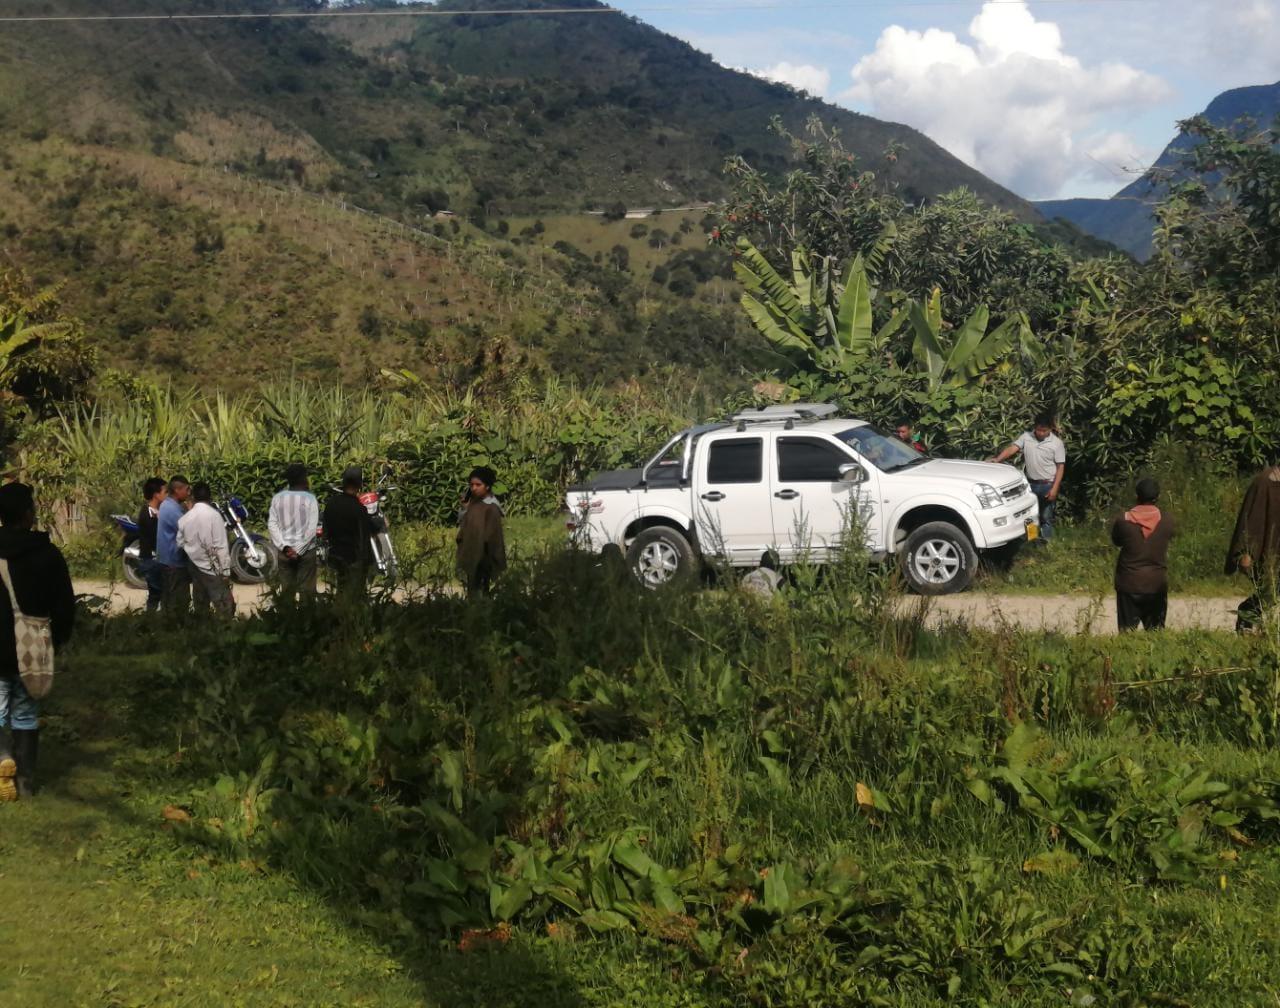 Desarmonías territoriales por grupos armados en el municipio de Páez.